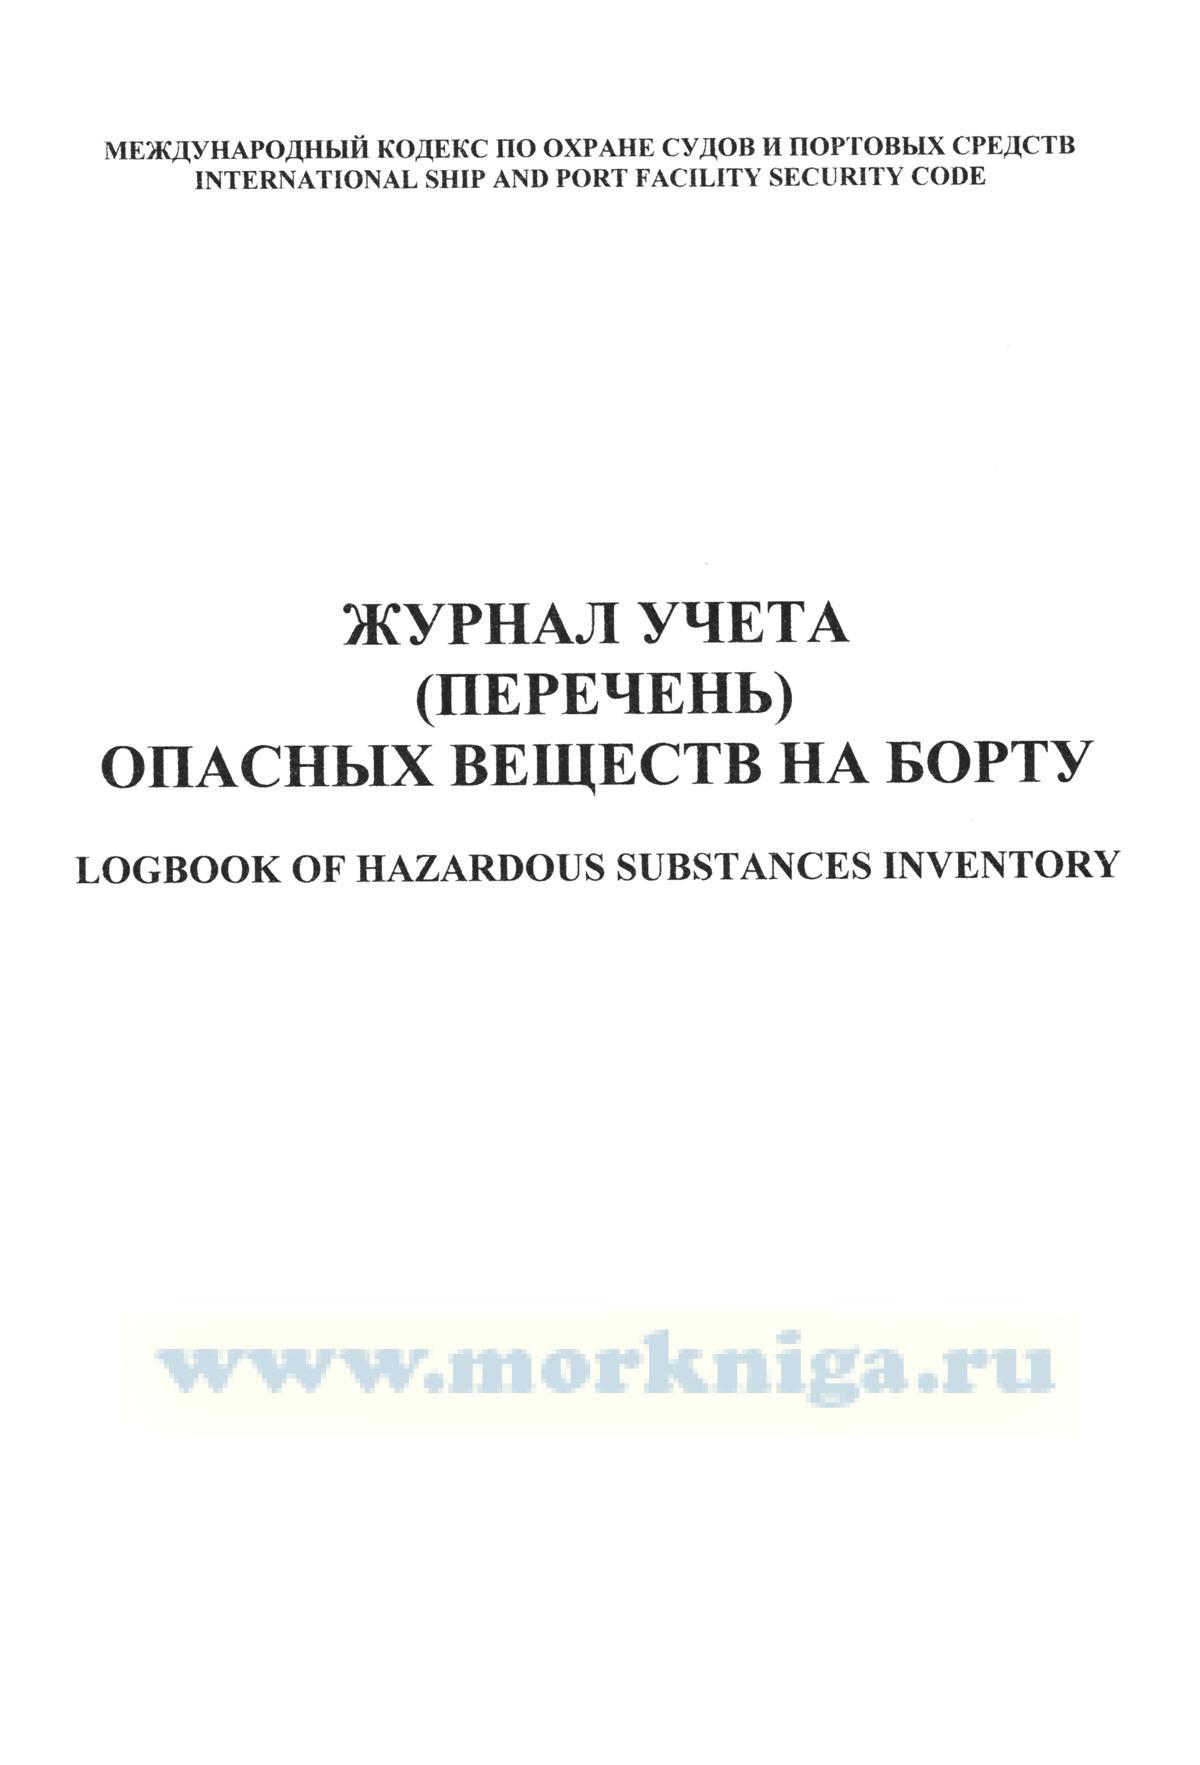 Журнал учета (перечень) опасных веществ на борту судна.Logbook of hazardous subtances inventory.